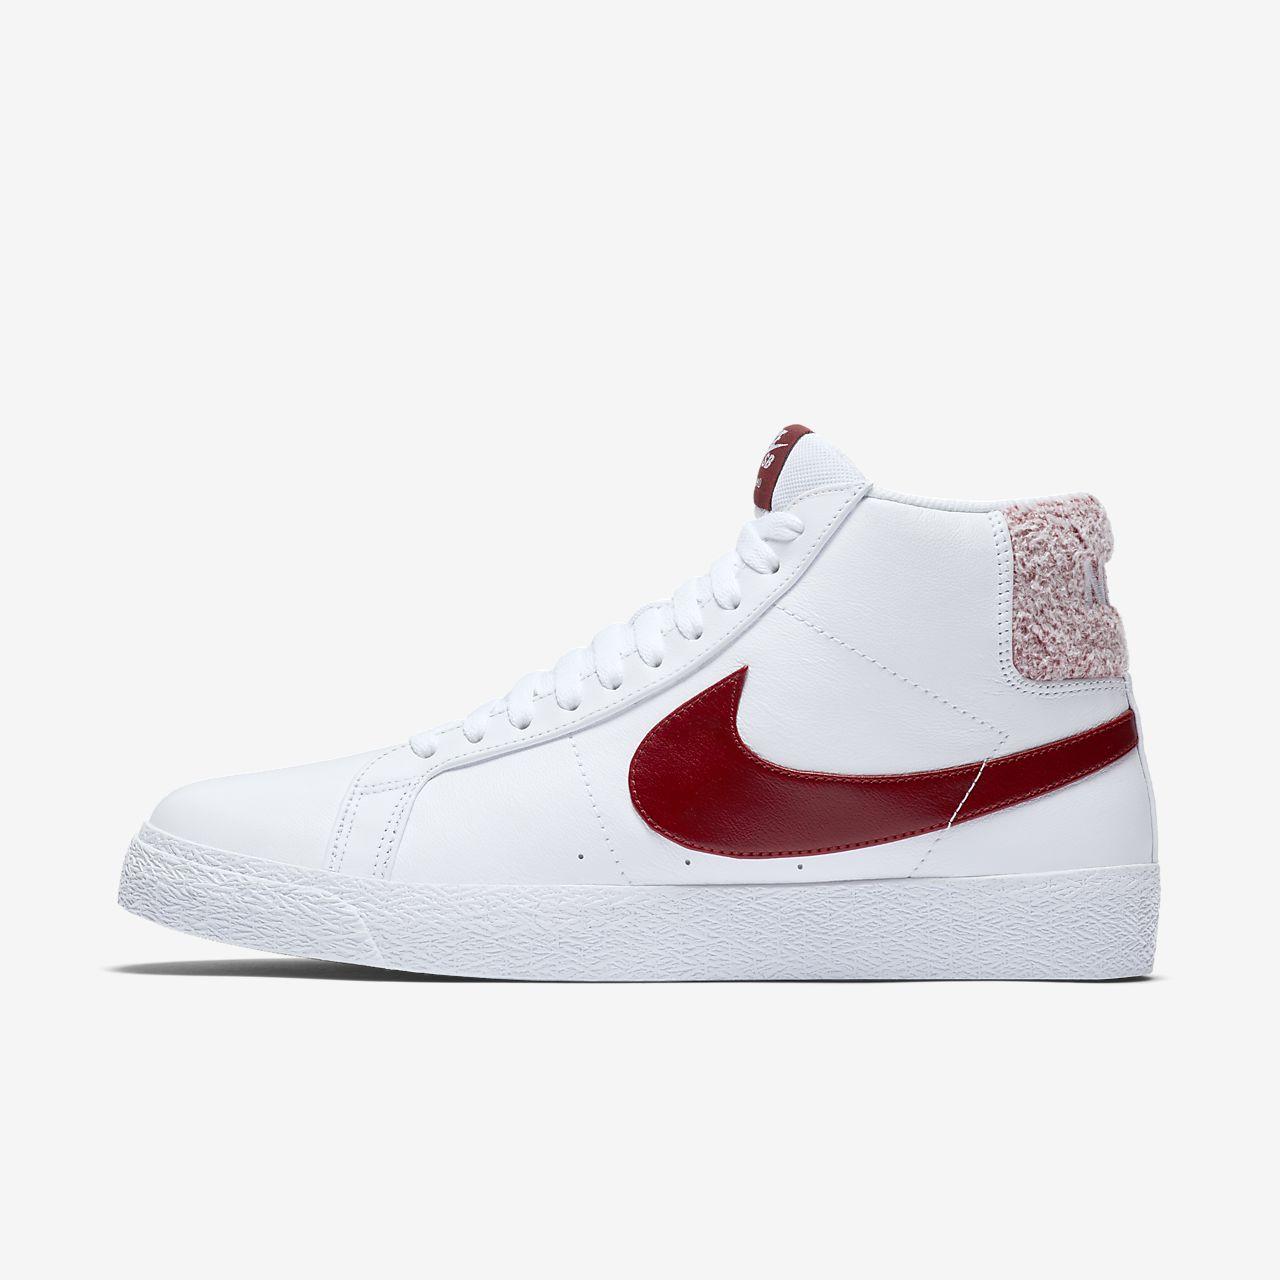 Обувь для скейтбординга Nike SB Zoom Blazer Mid Premium